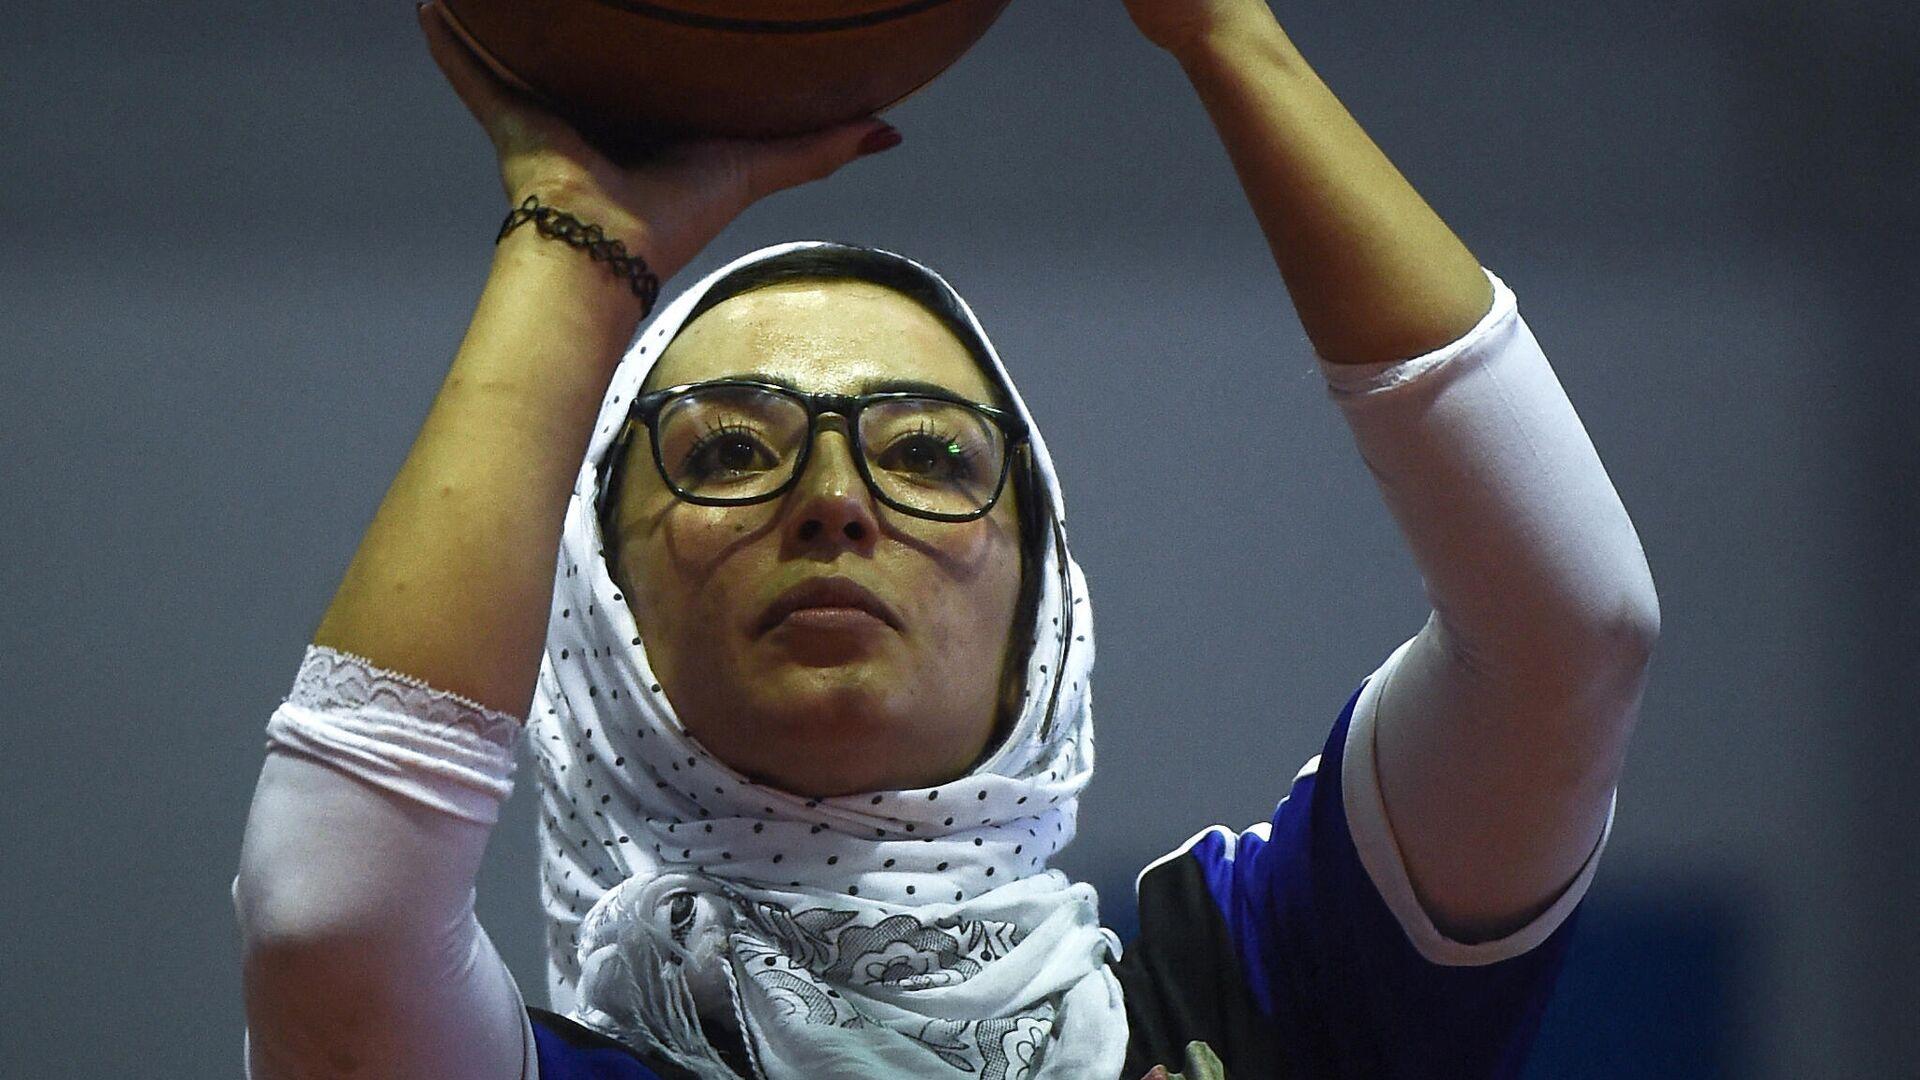 Nilofar Bayat, jugadora afgana de baloncesto en silla de ruedas  - Sputnik Mundo, 1920, 20.08.2021